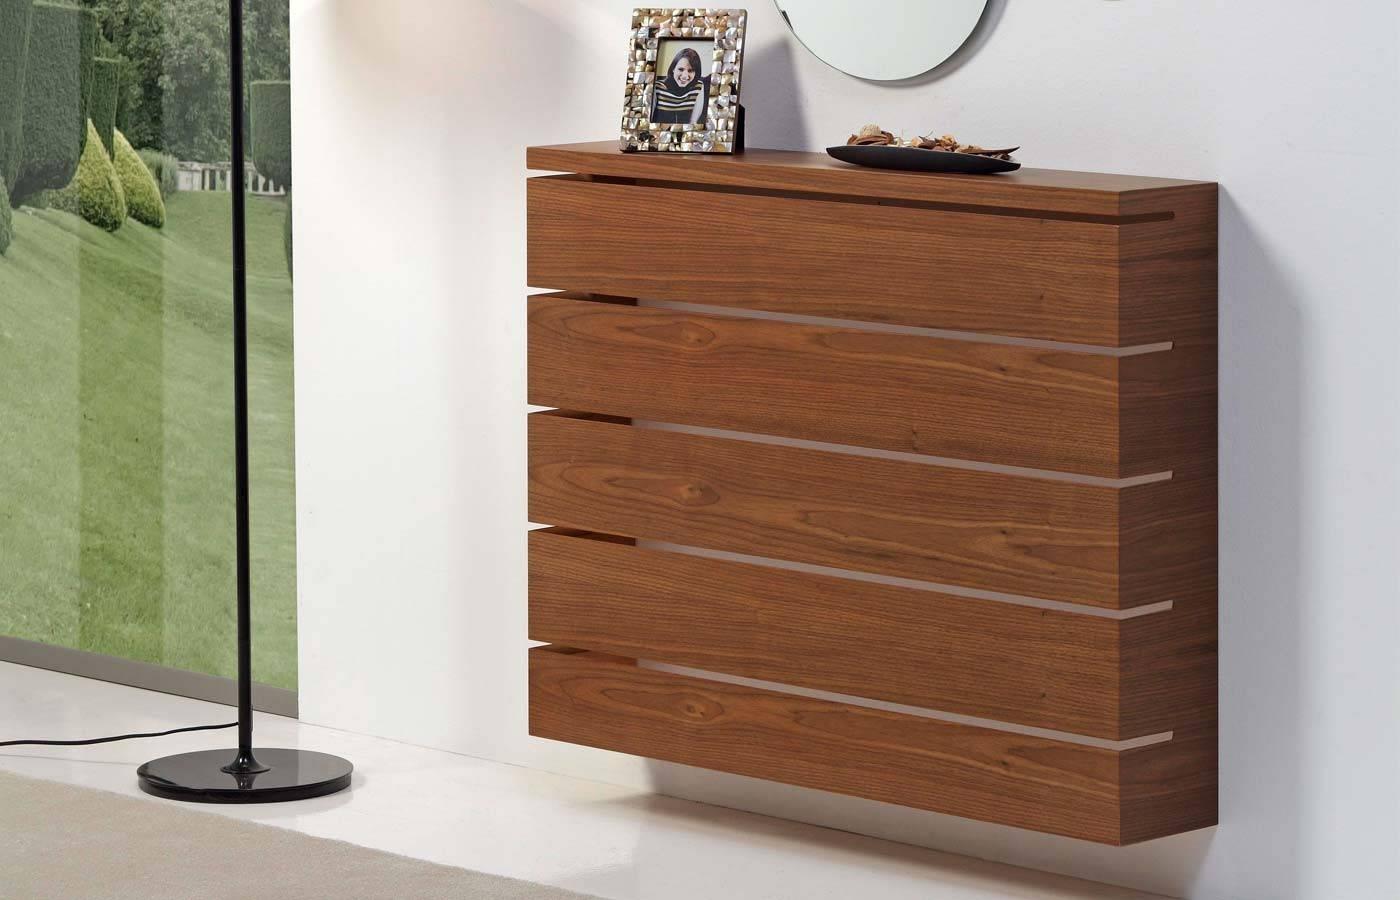 Cubreradiador raya dismobel - Muebles para cubrir radiadores ...